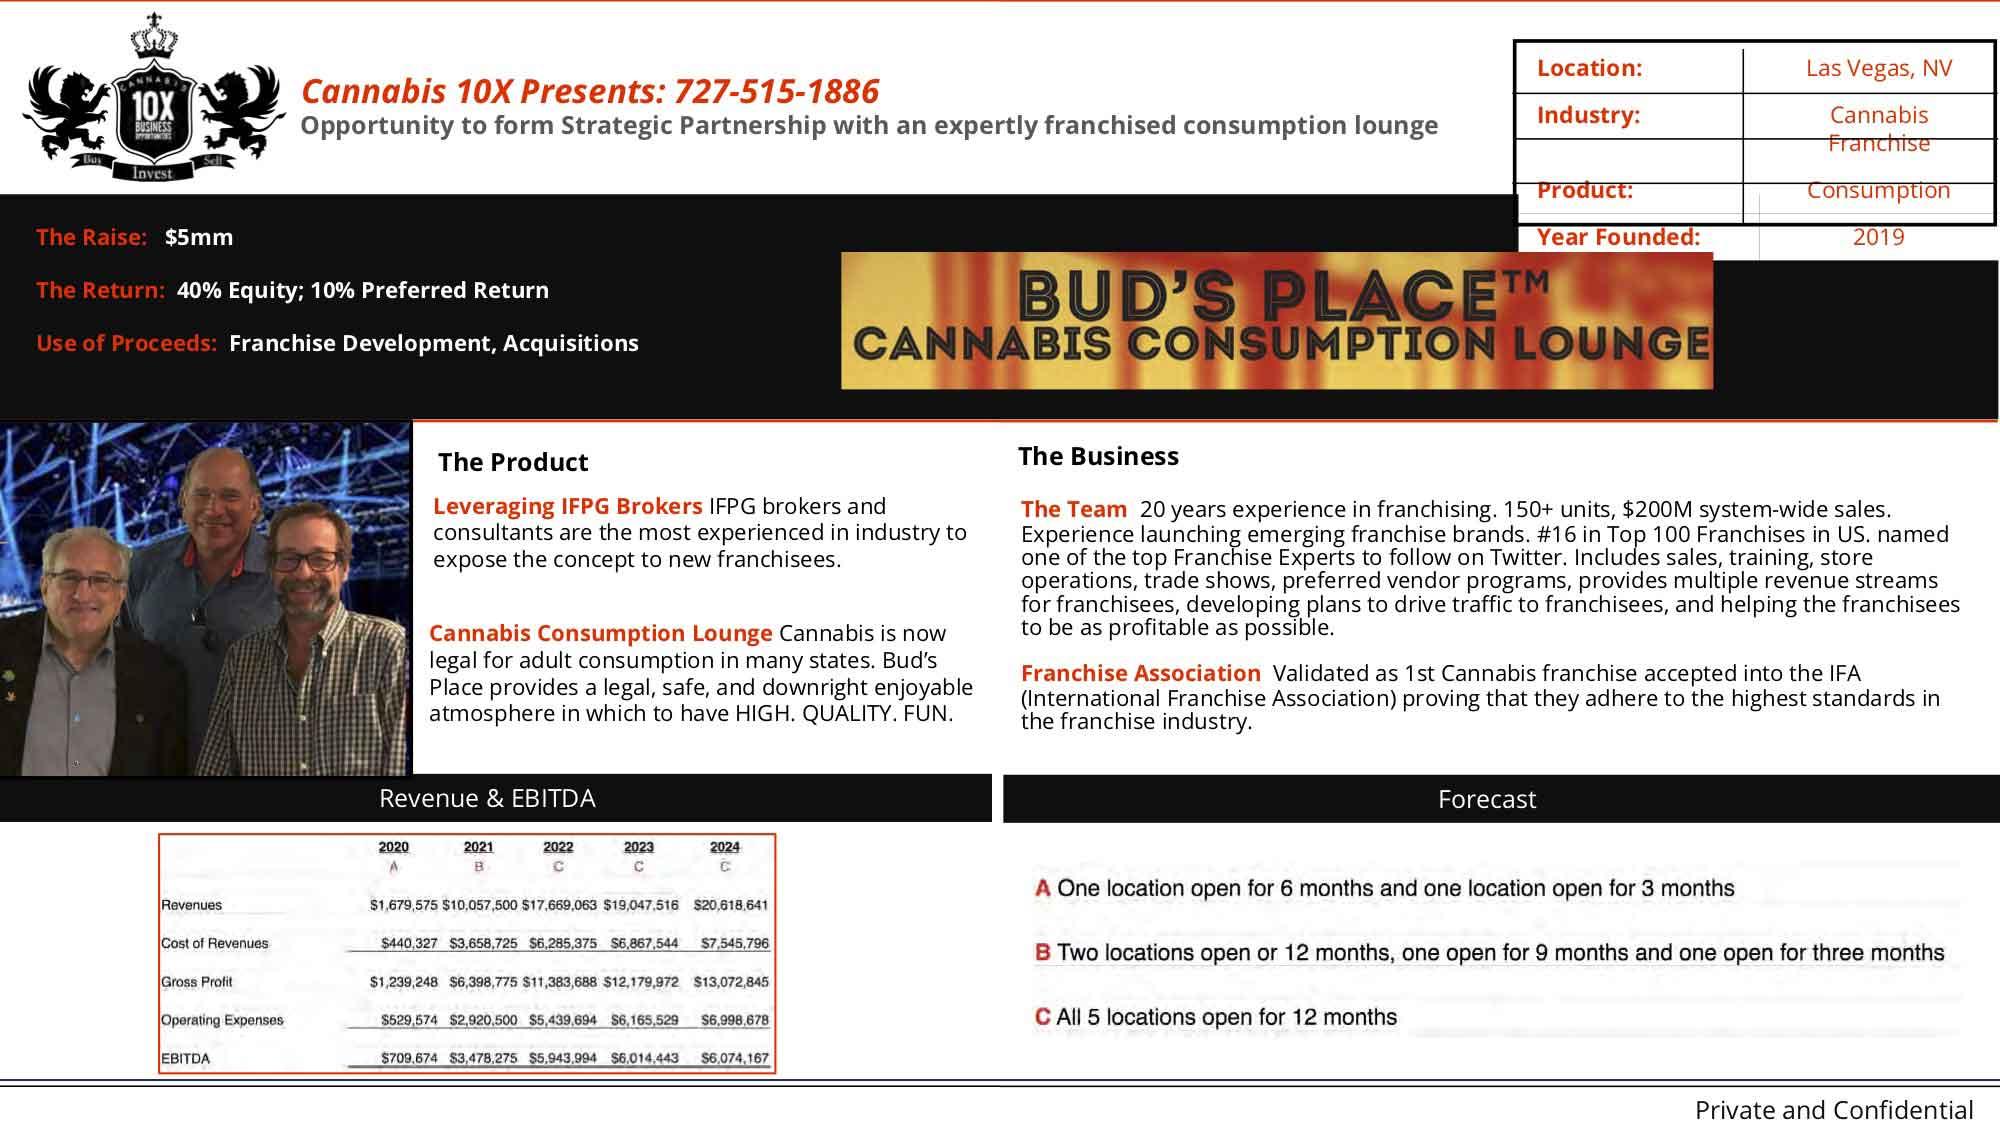 Buds Place Consumption Lounge Capital Raise